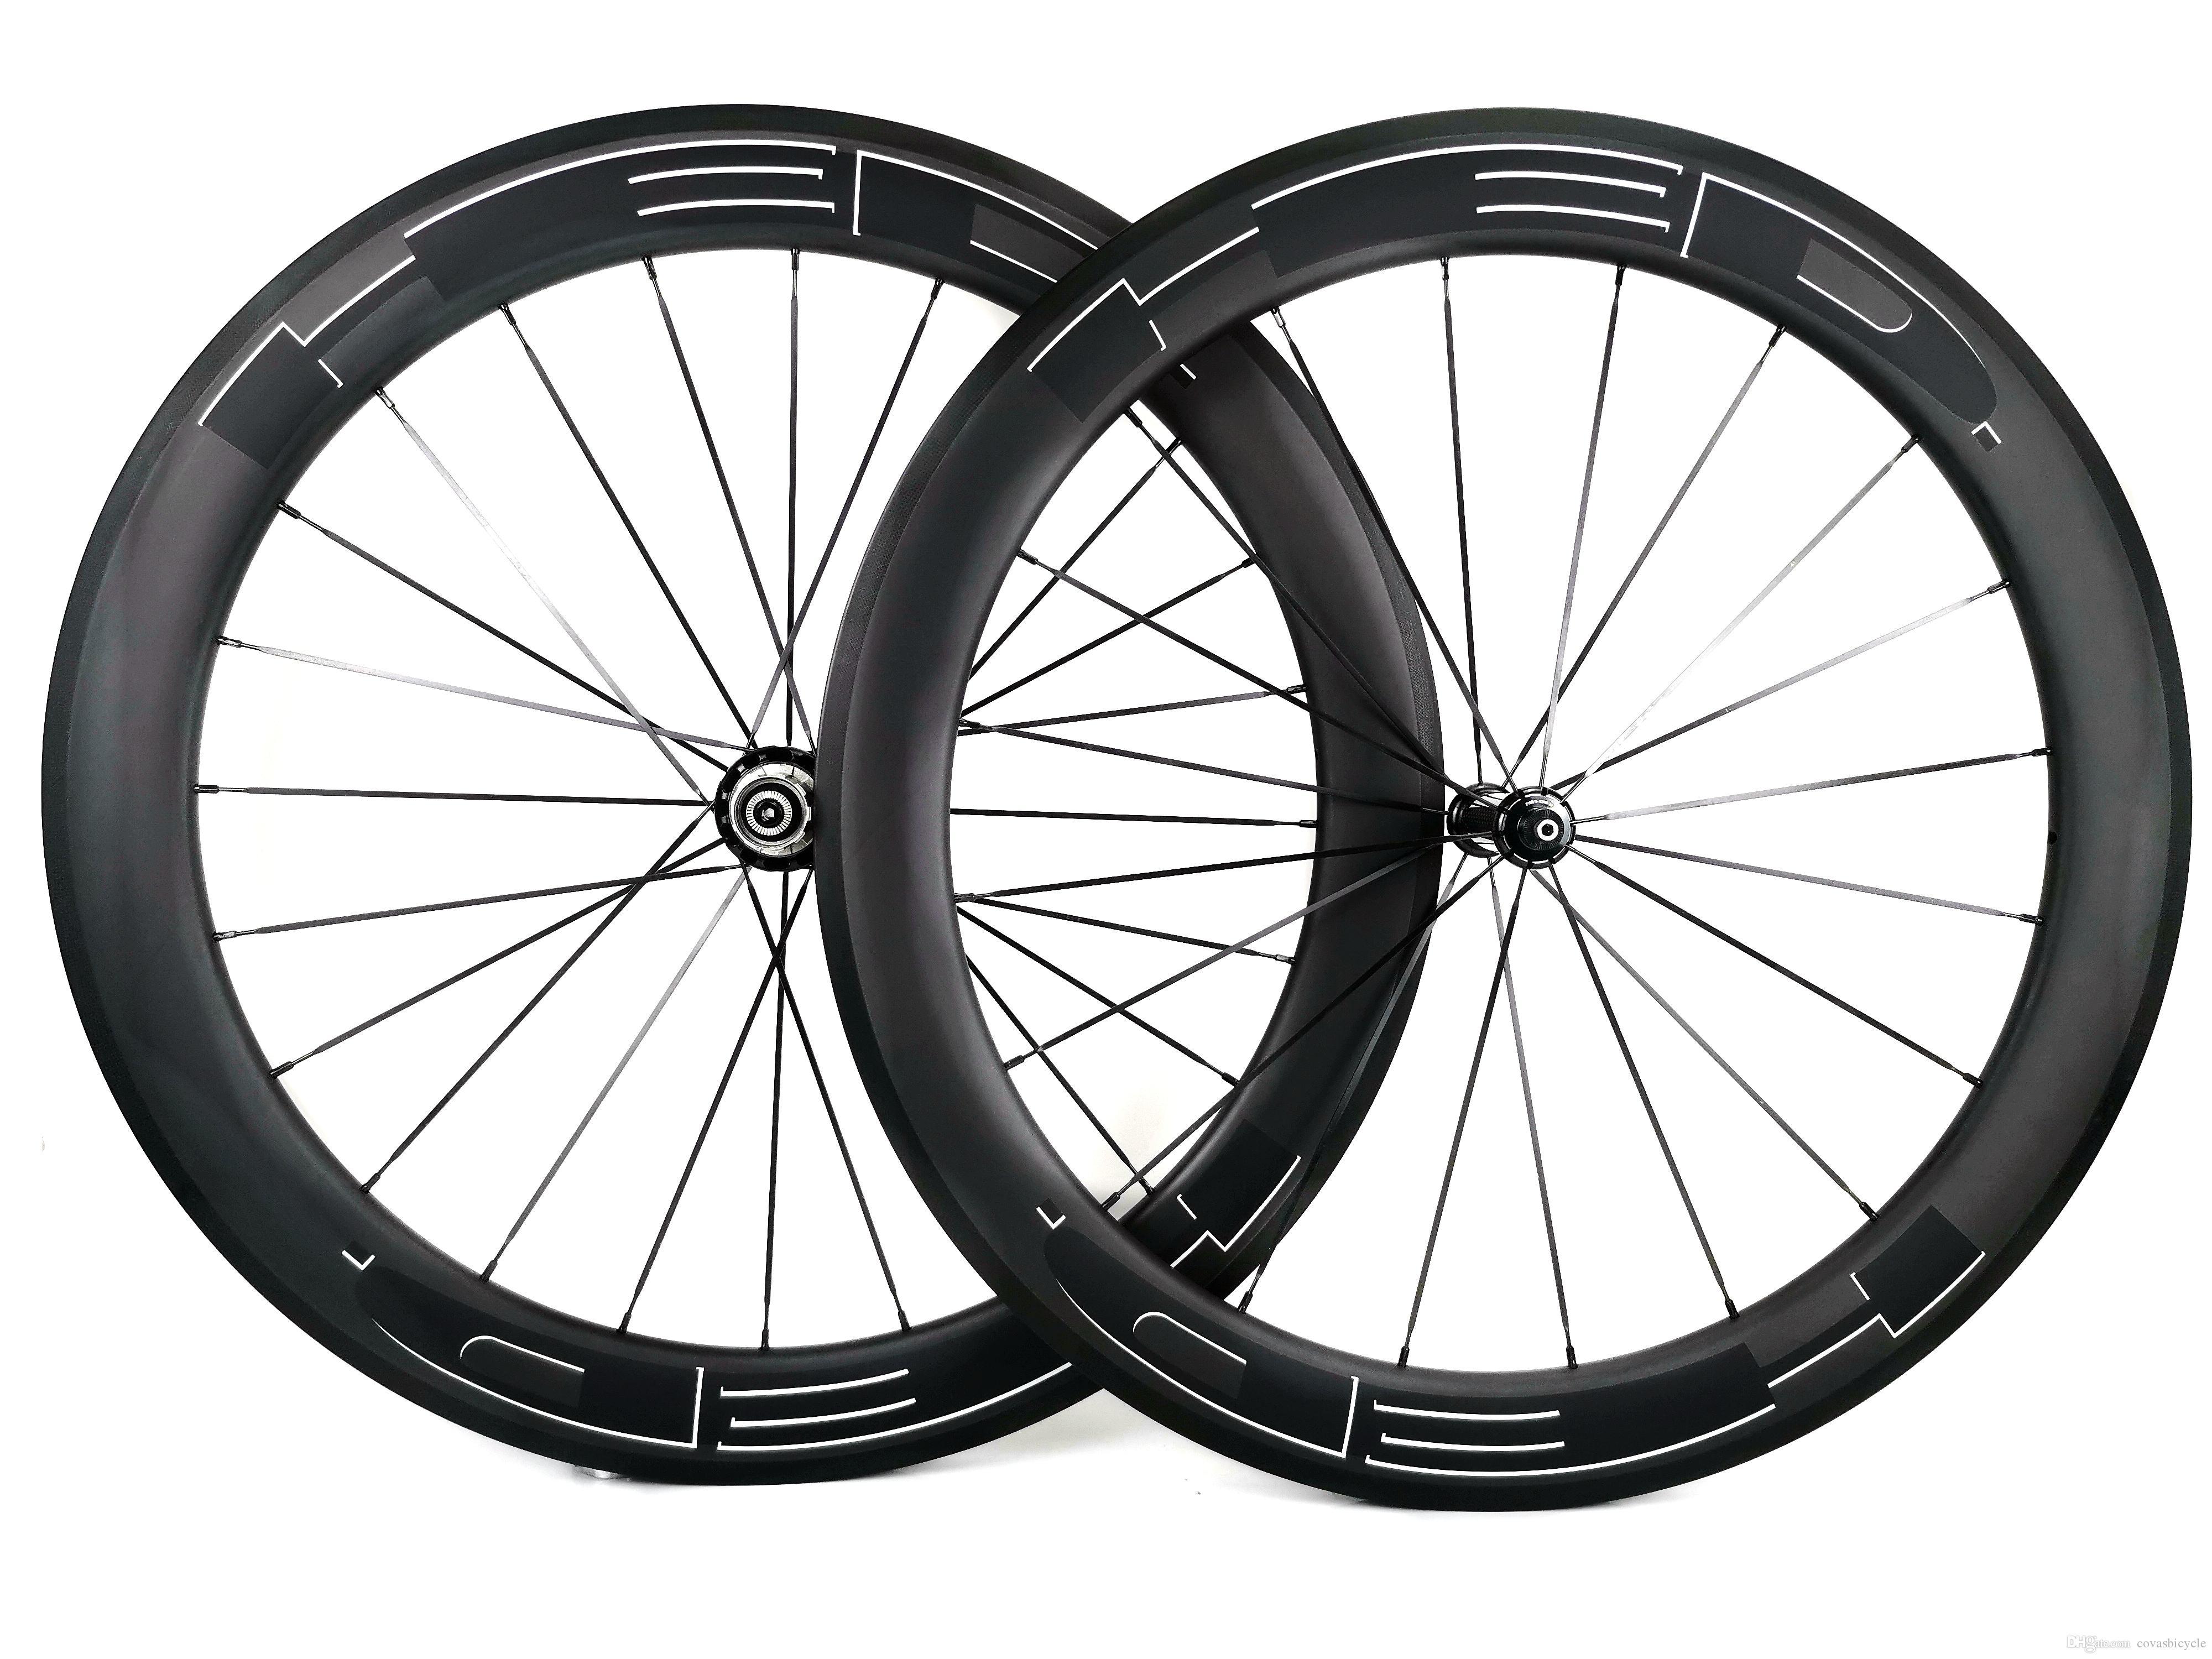 700c 60mm depth road carbon wheels 25mm width road bike clincher tubular carbon wheelset u shape rim ud matte finish white hed black decals carbon fiber